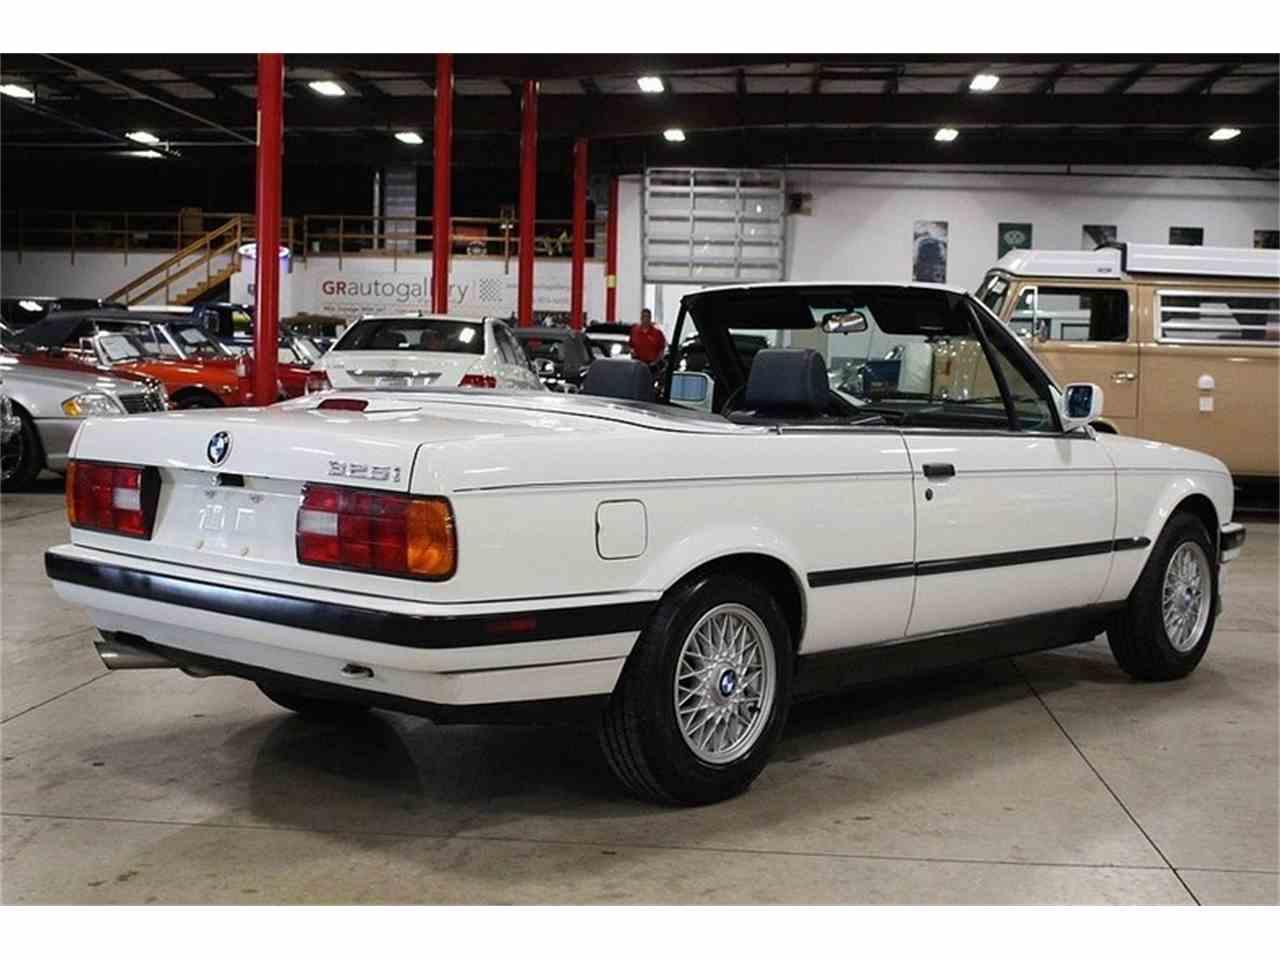 1992 BMW 325i for Sale | ClassicCars.com | CC-1007129